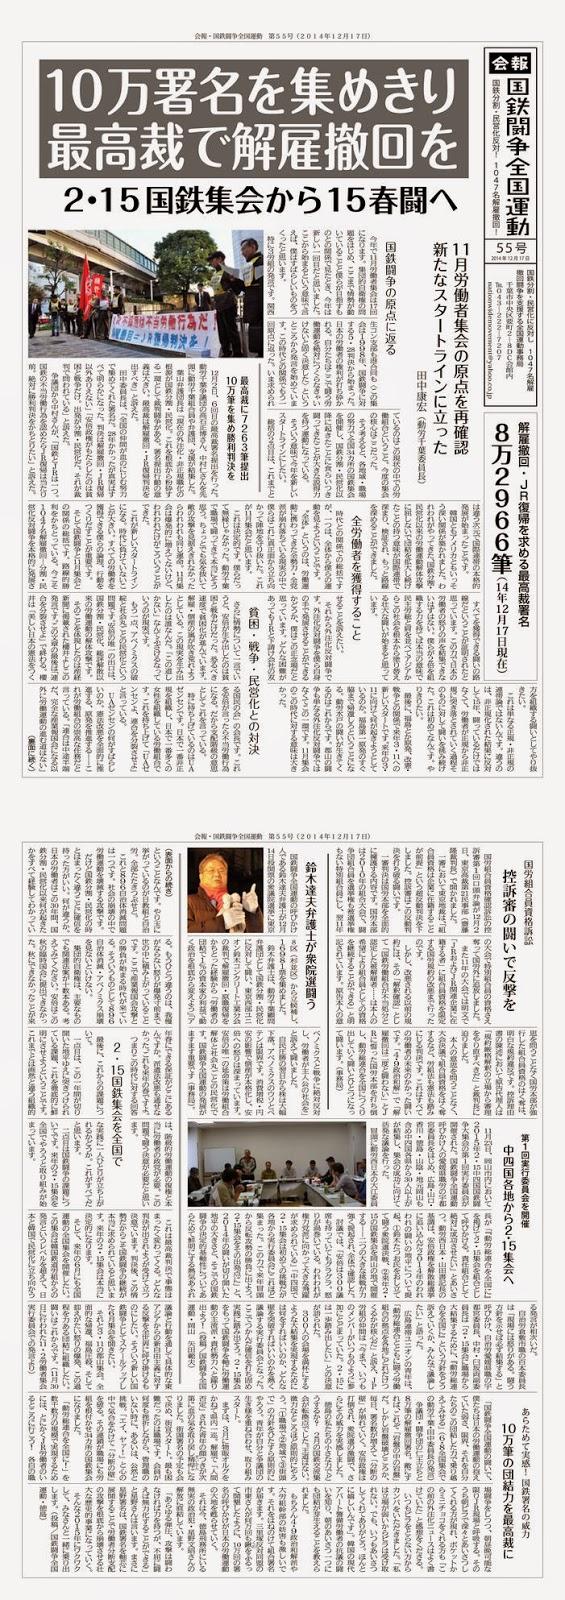 http://www.doro-chiba.org/z-undou/pdf/news_55.pdf